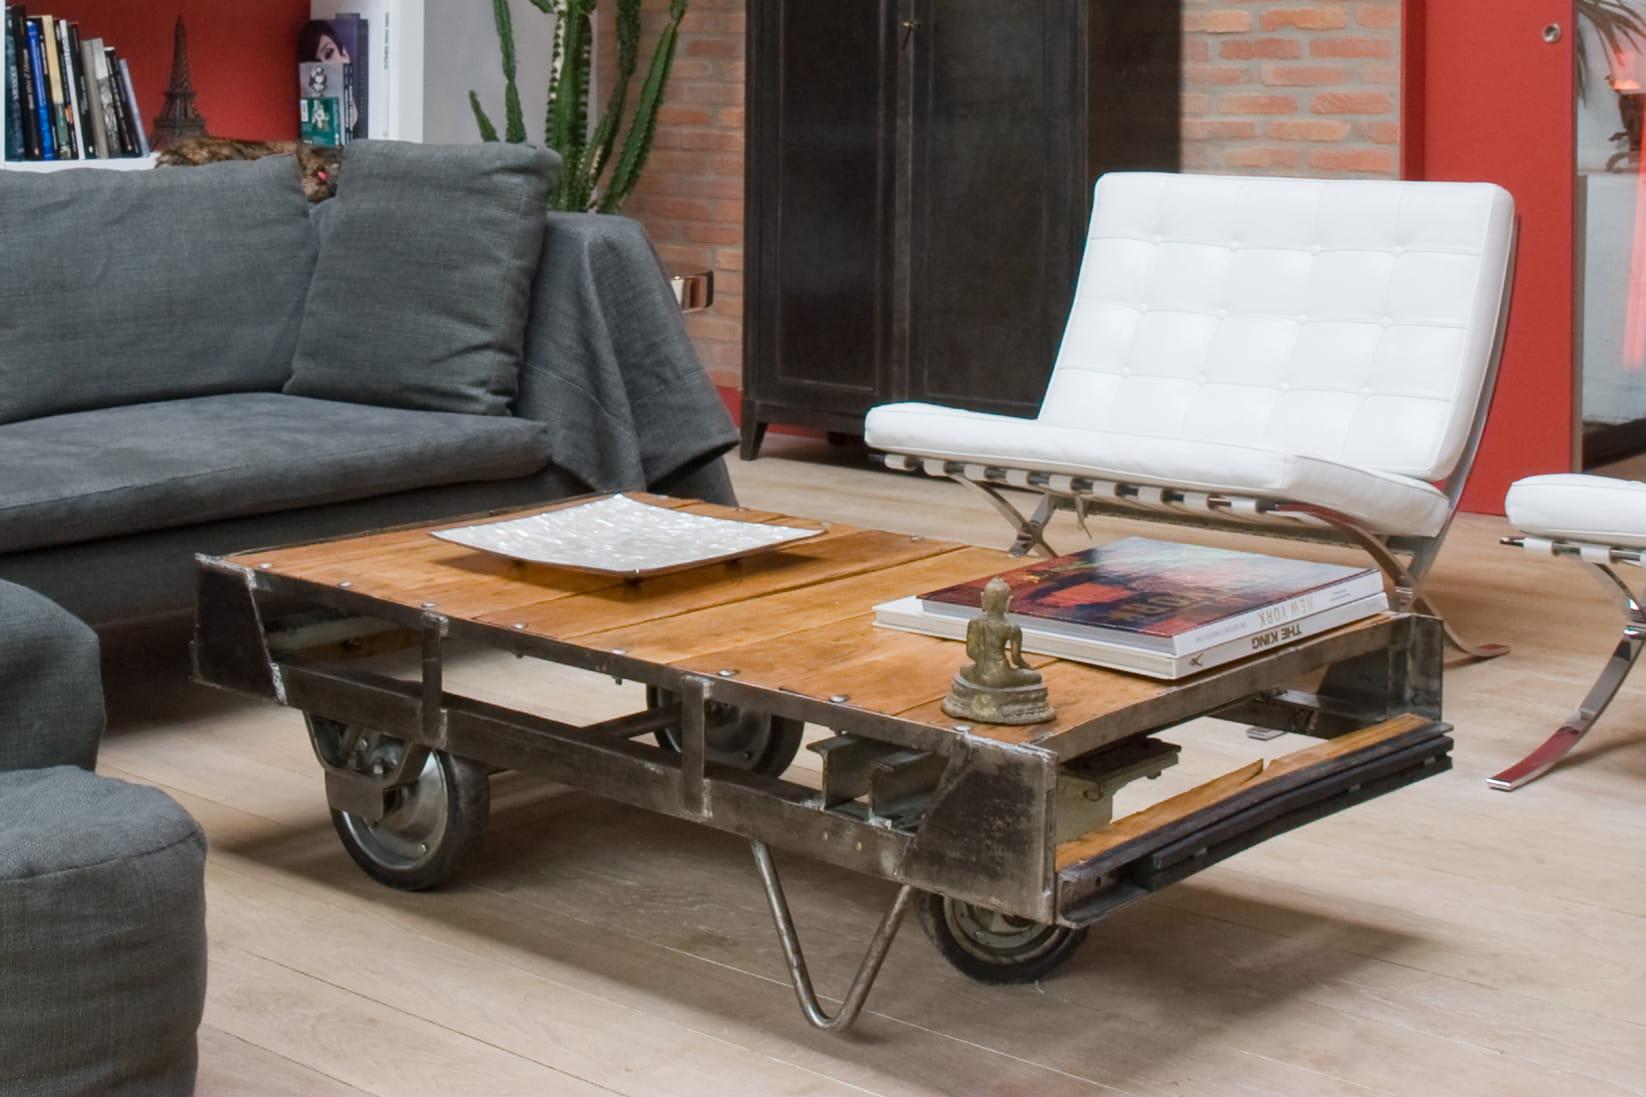 transformer des objets journal des femmes. Black Bedroom Furniture Sets. Home Design Ideas